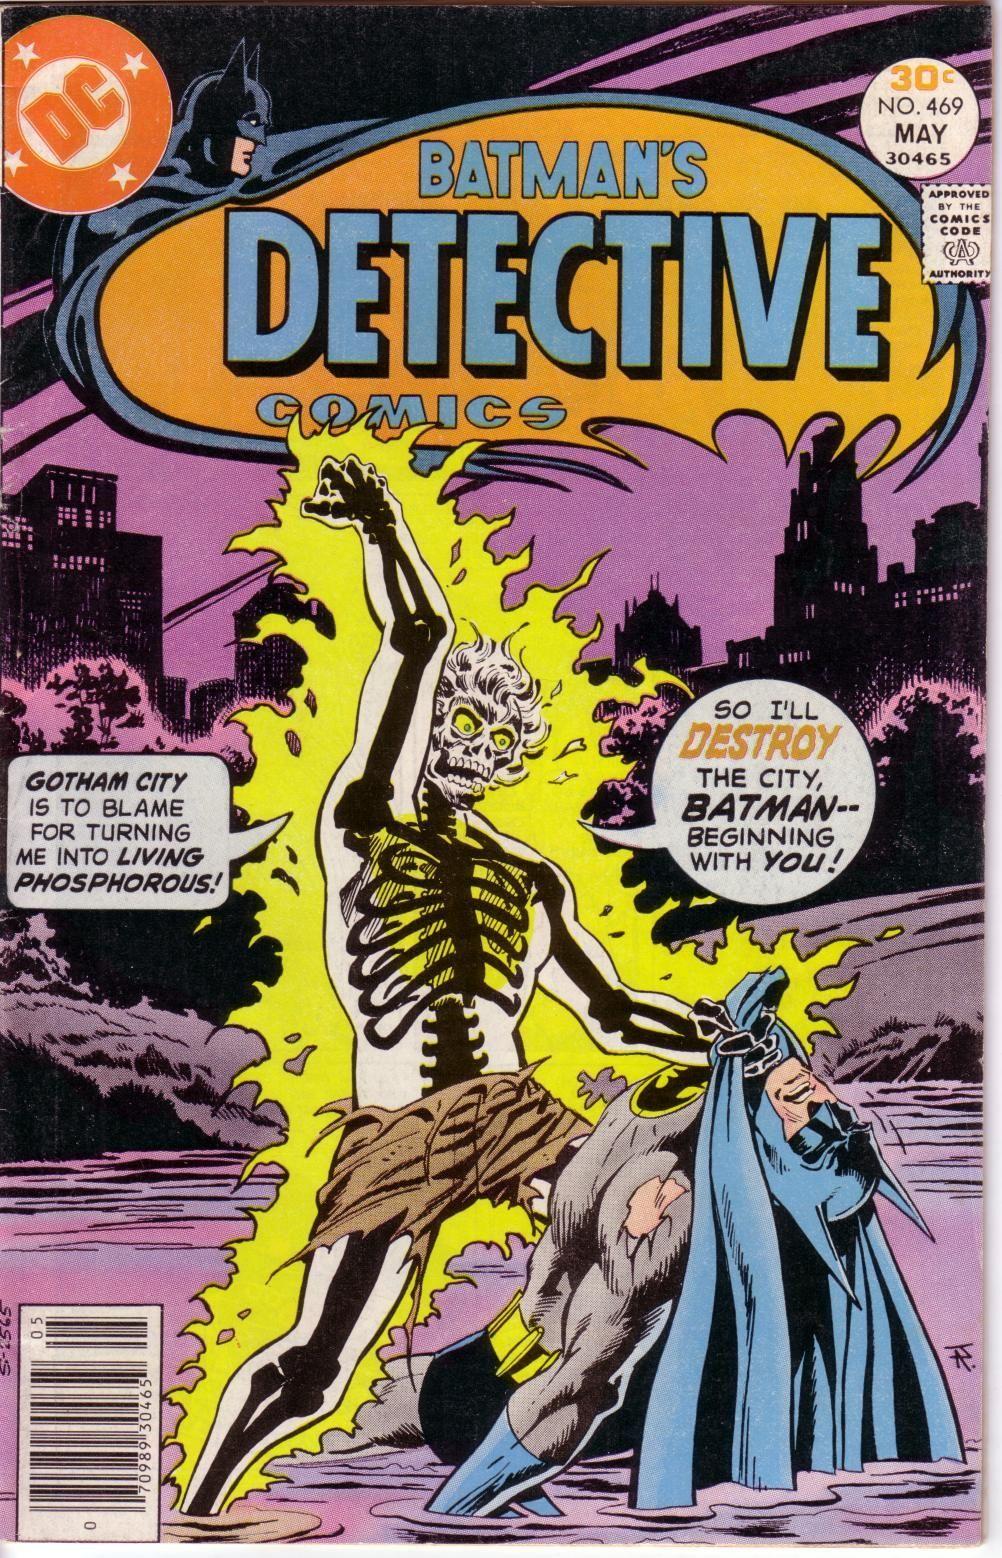 Detective Comics #469 (Writer: Steve Englehart, Art: Walt Simonson)